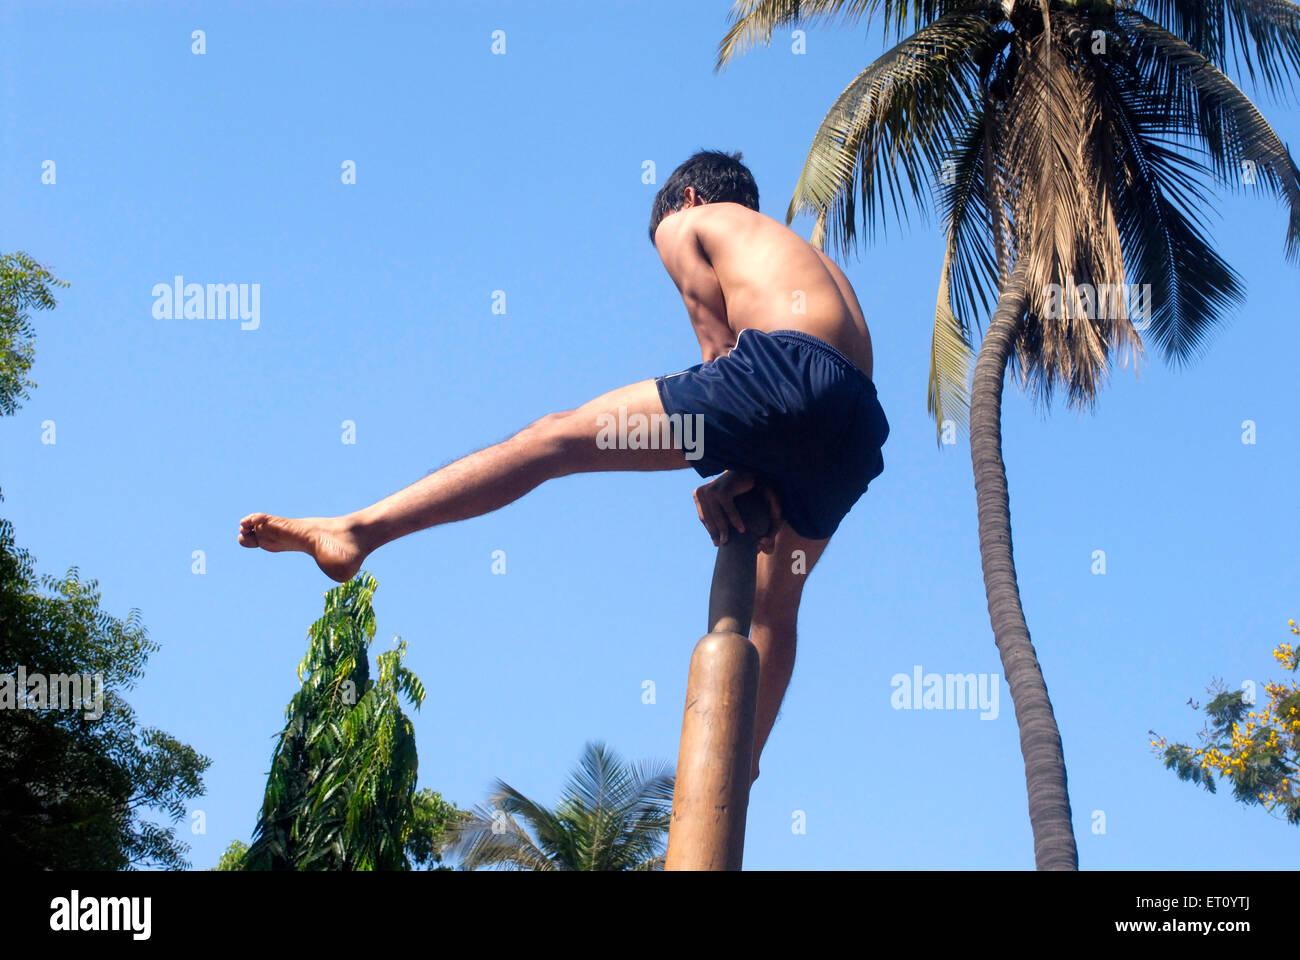 Malkhamb giovane ragazzo di eseguire la ginnastica ; Thane ; Maharashtra ; India 2009 Immagini Stock